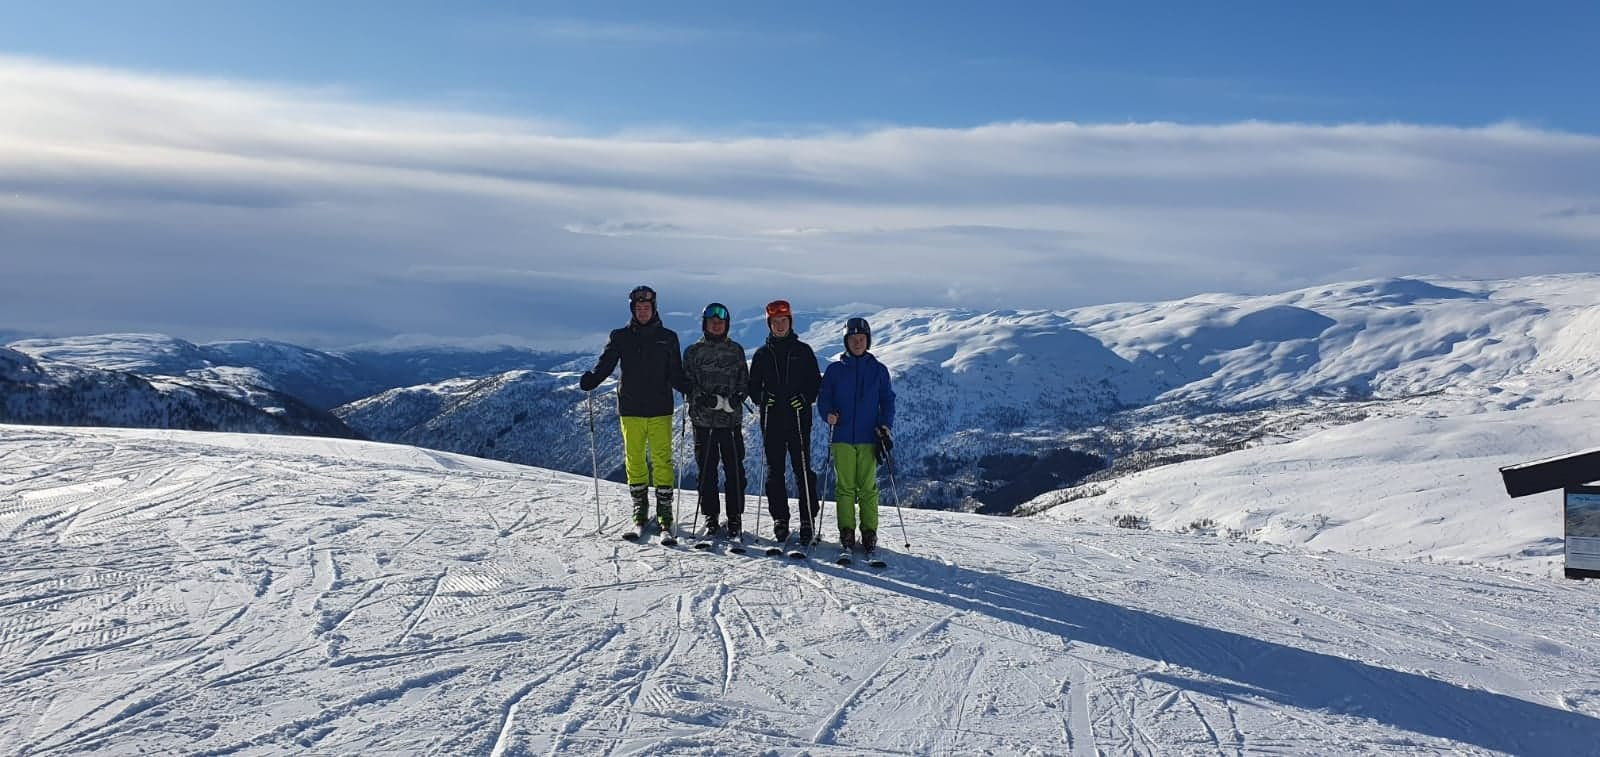 Wochenendausflug zum Skifahren nach Myrkdalen